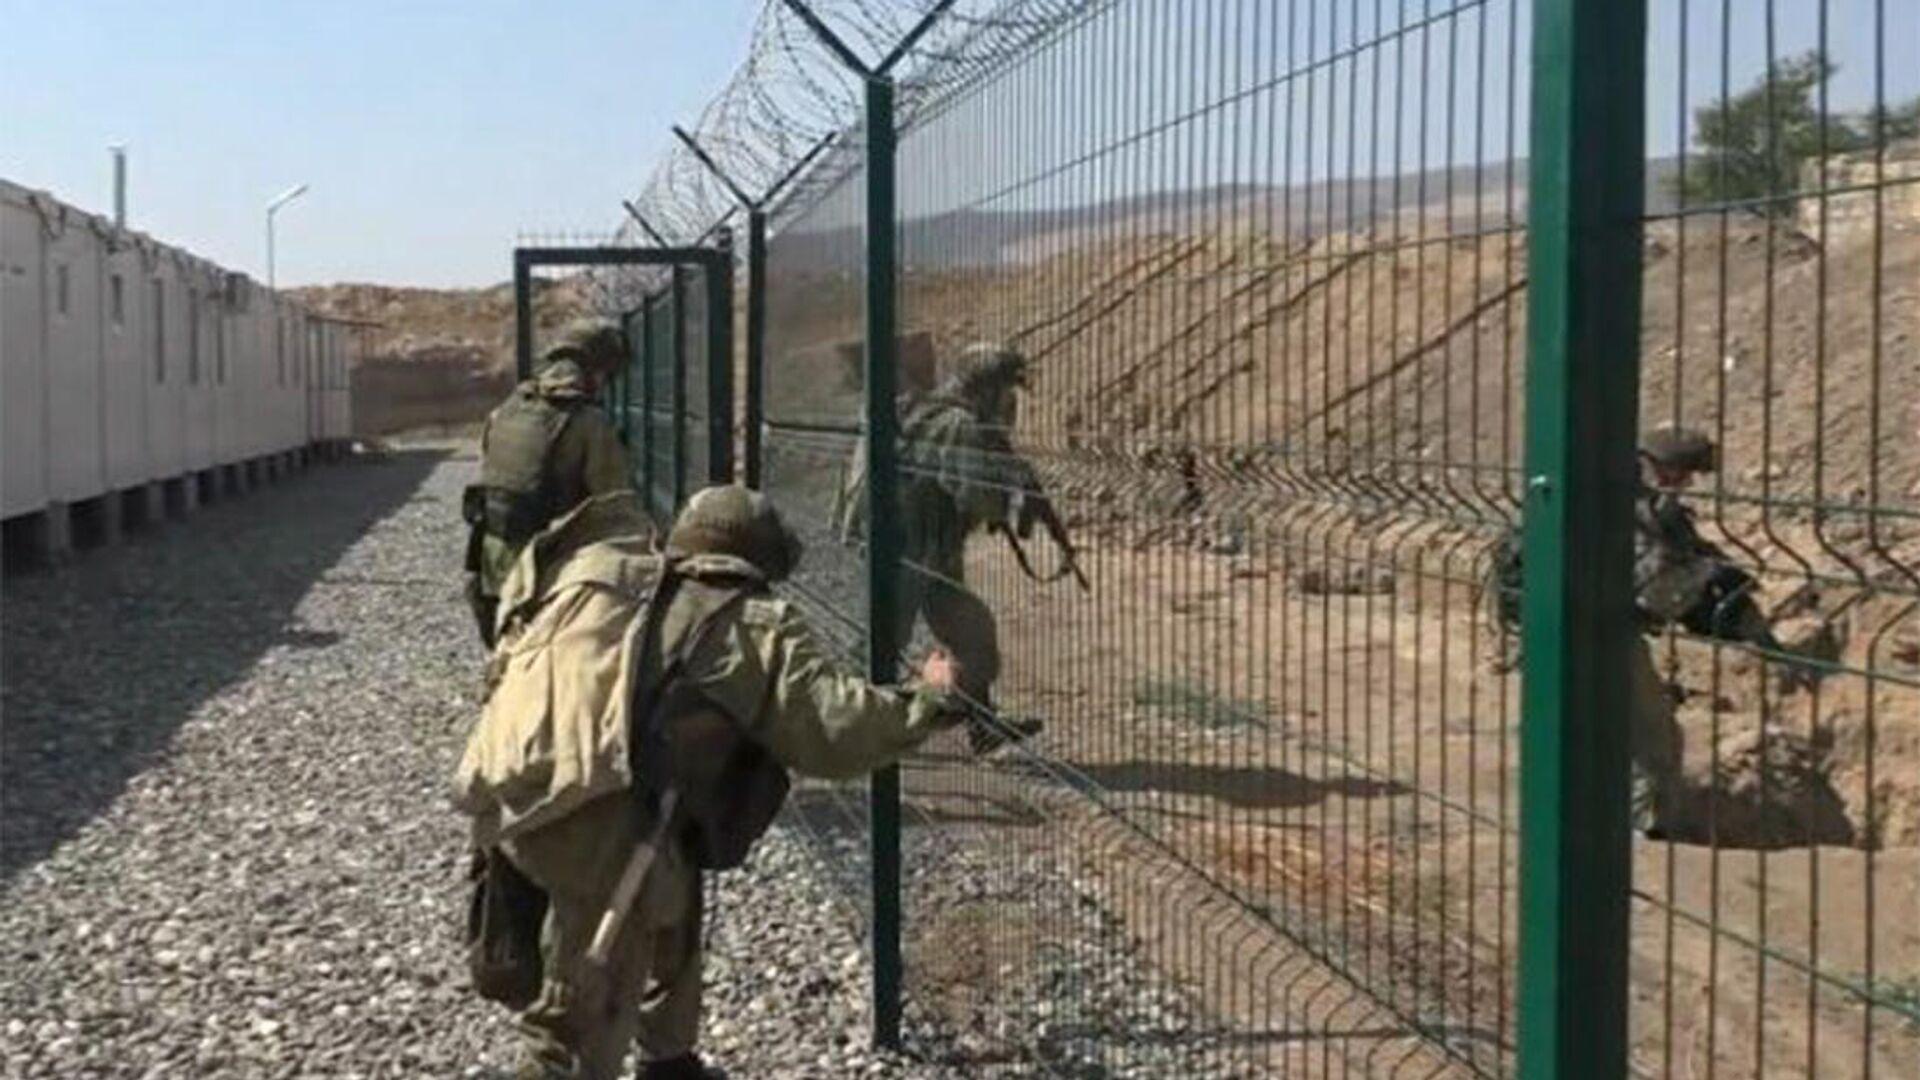 Российские миротворцы провели плановую комплексную тренировку по обороне на 27-ми наблюдательных постах (16 сентября 2021). Карабах  - Sputnik Армения, 1920, 14.10.2021